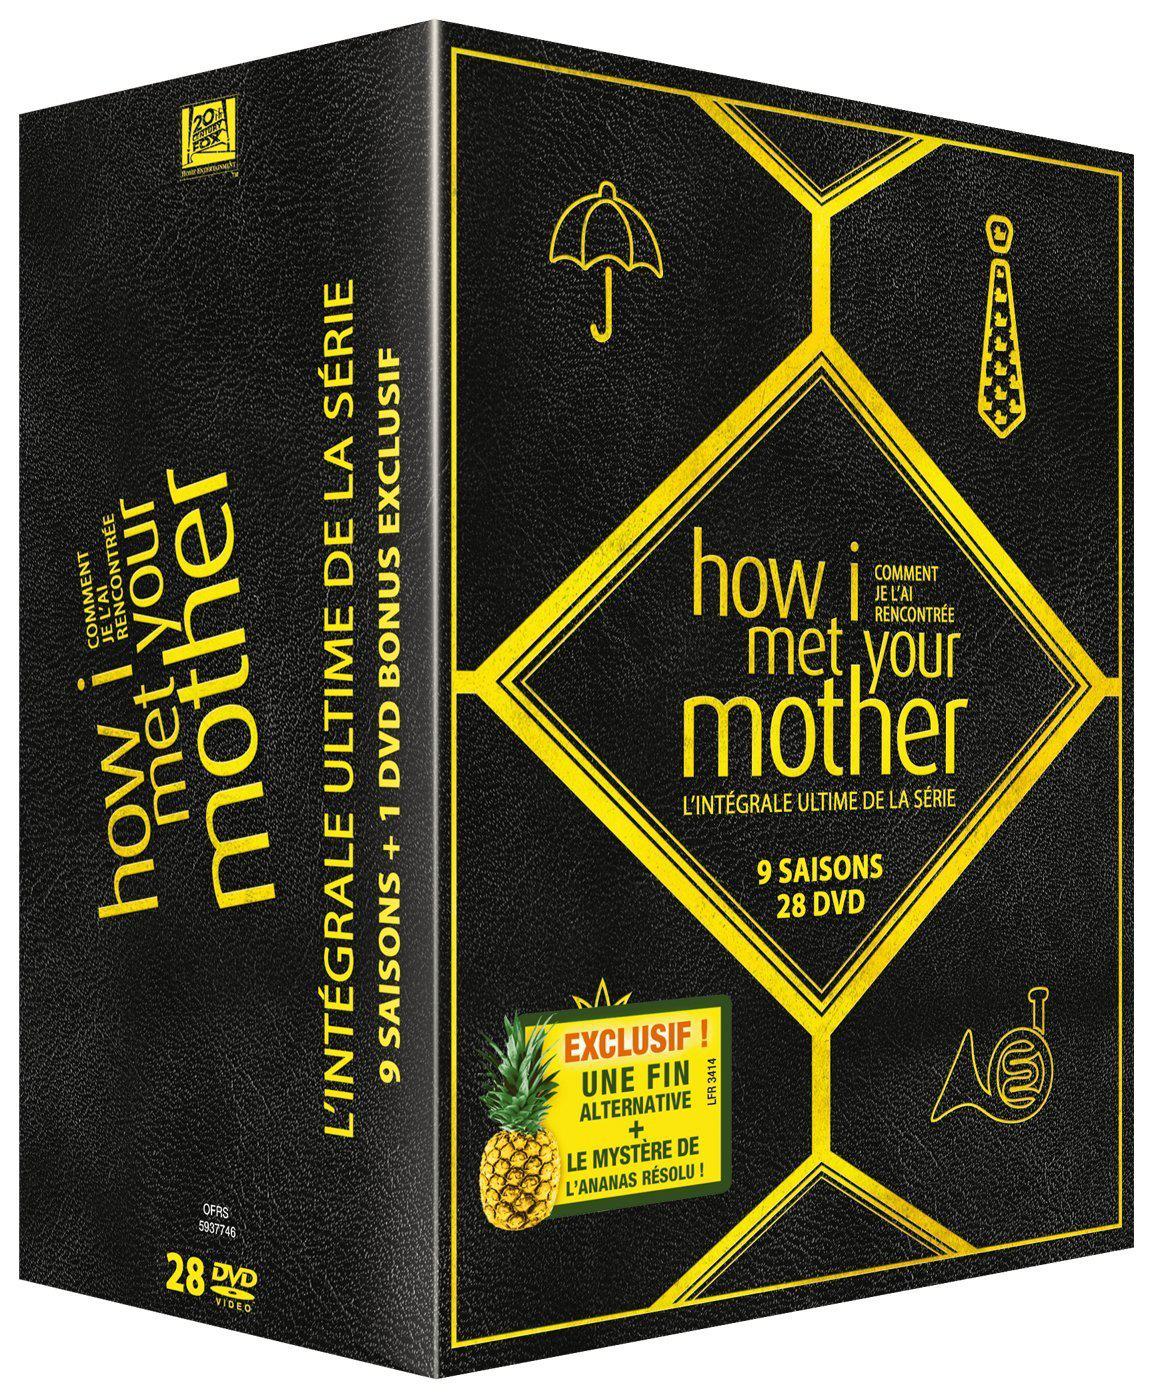 Coffret DVD Intégrale How I Met Your Mother saisons 1 à 9